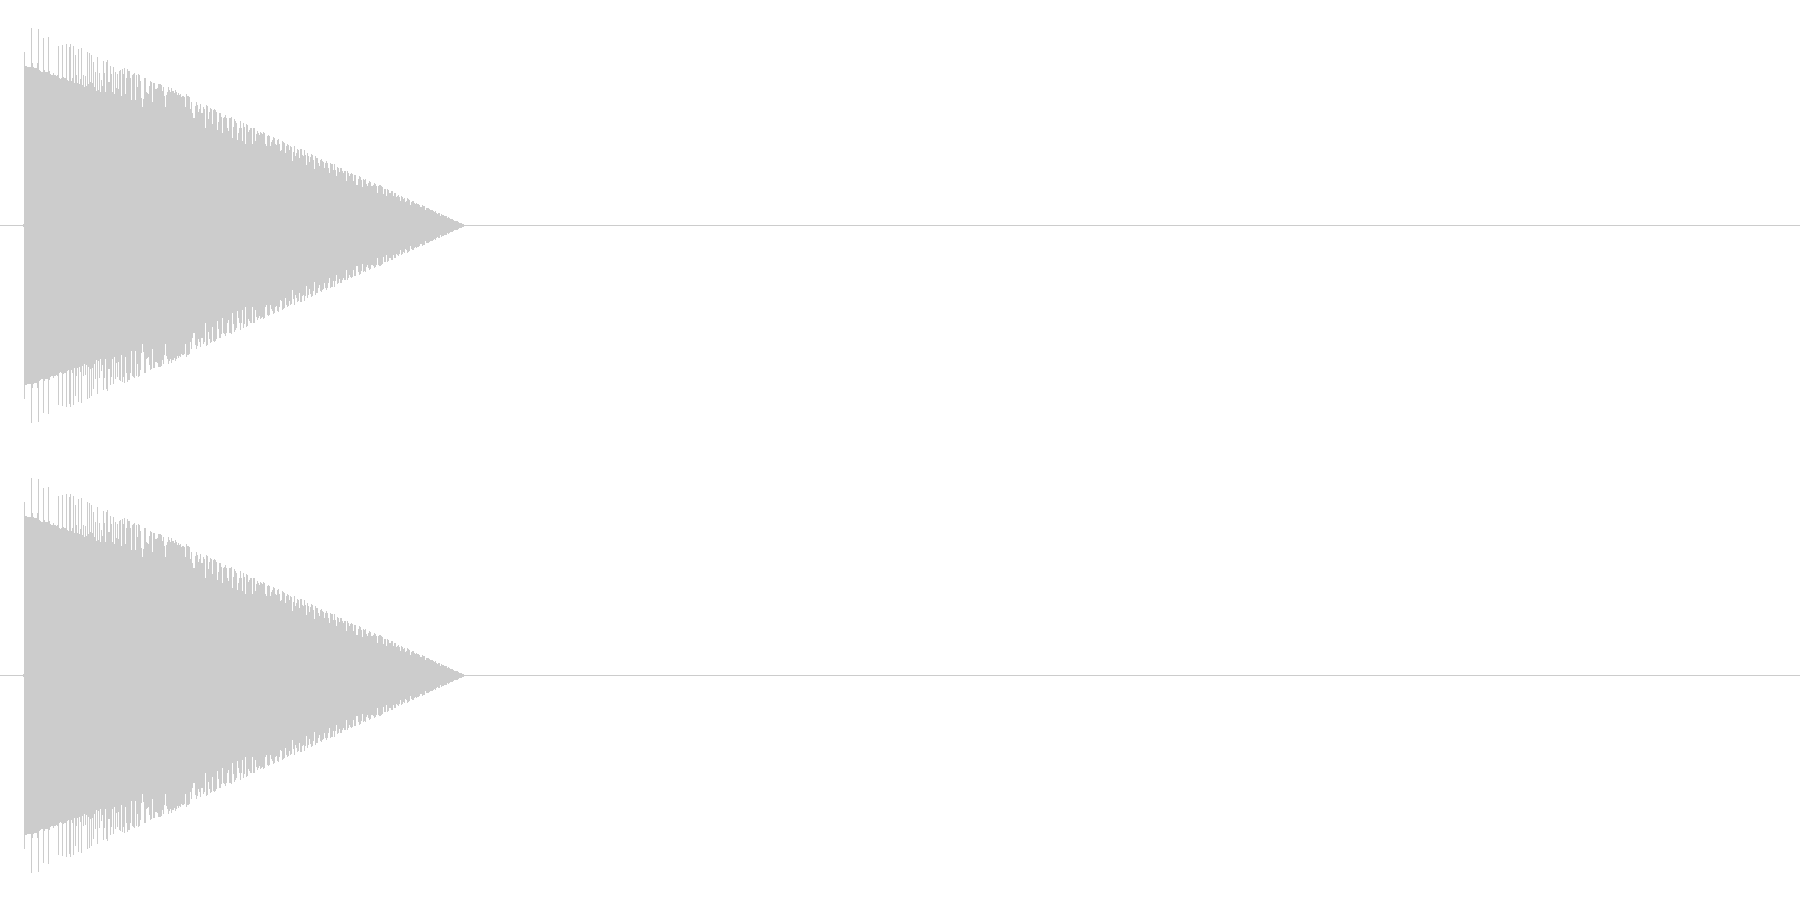 レトロゲーム風・アイテムゲット#2の未再生の波形